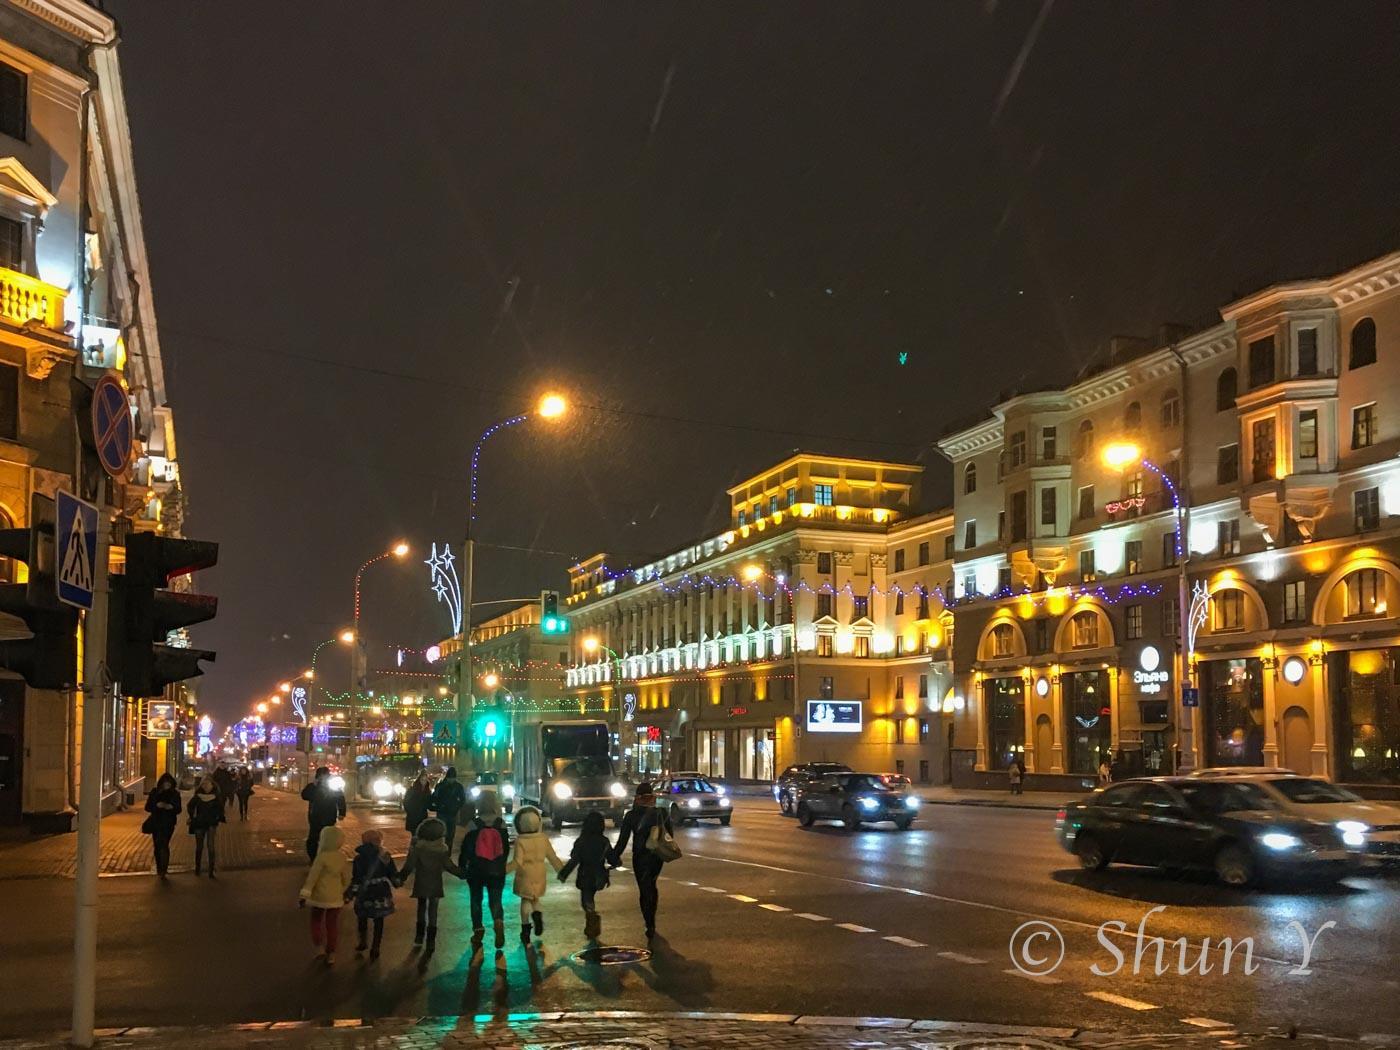 ベラルーシの治安